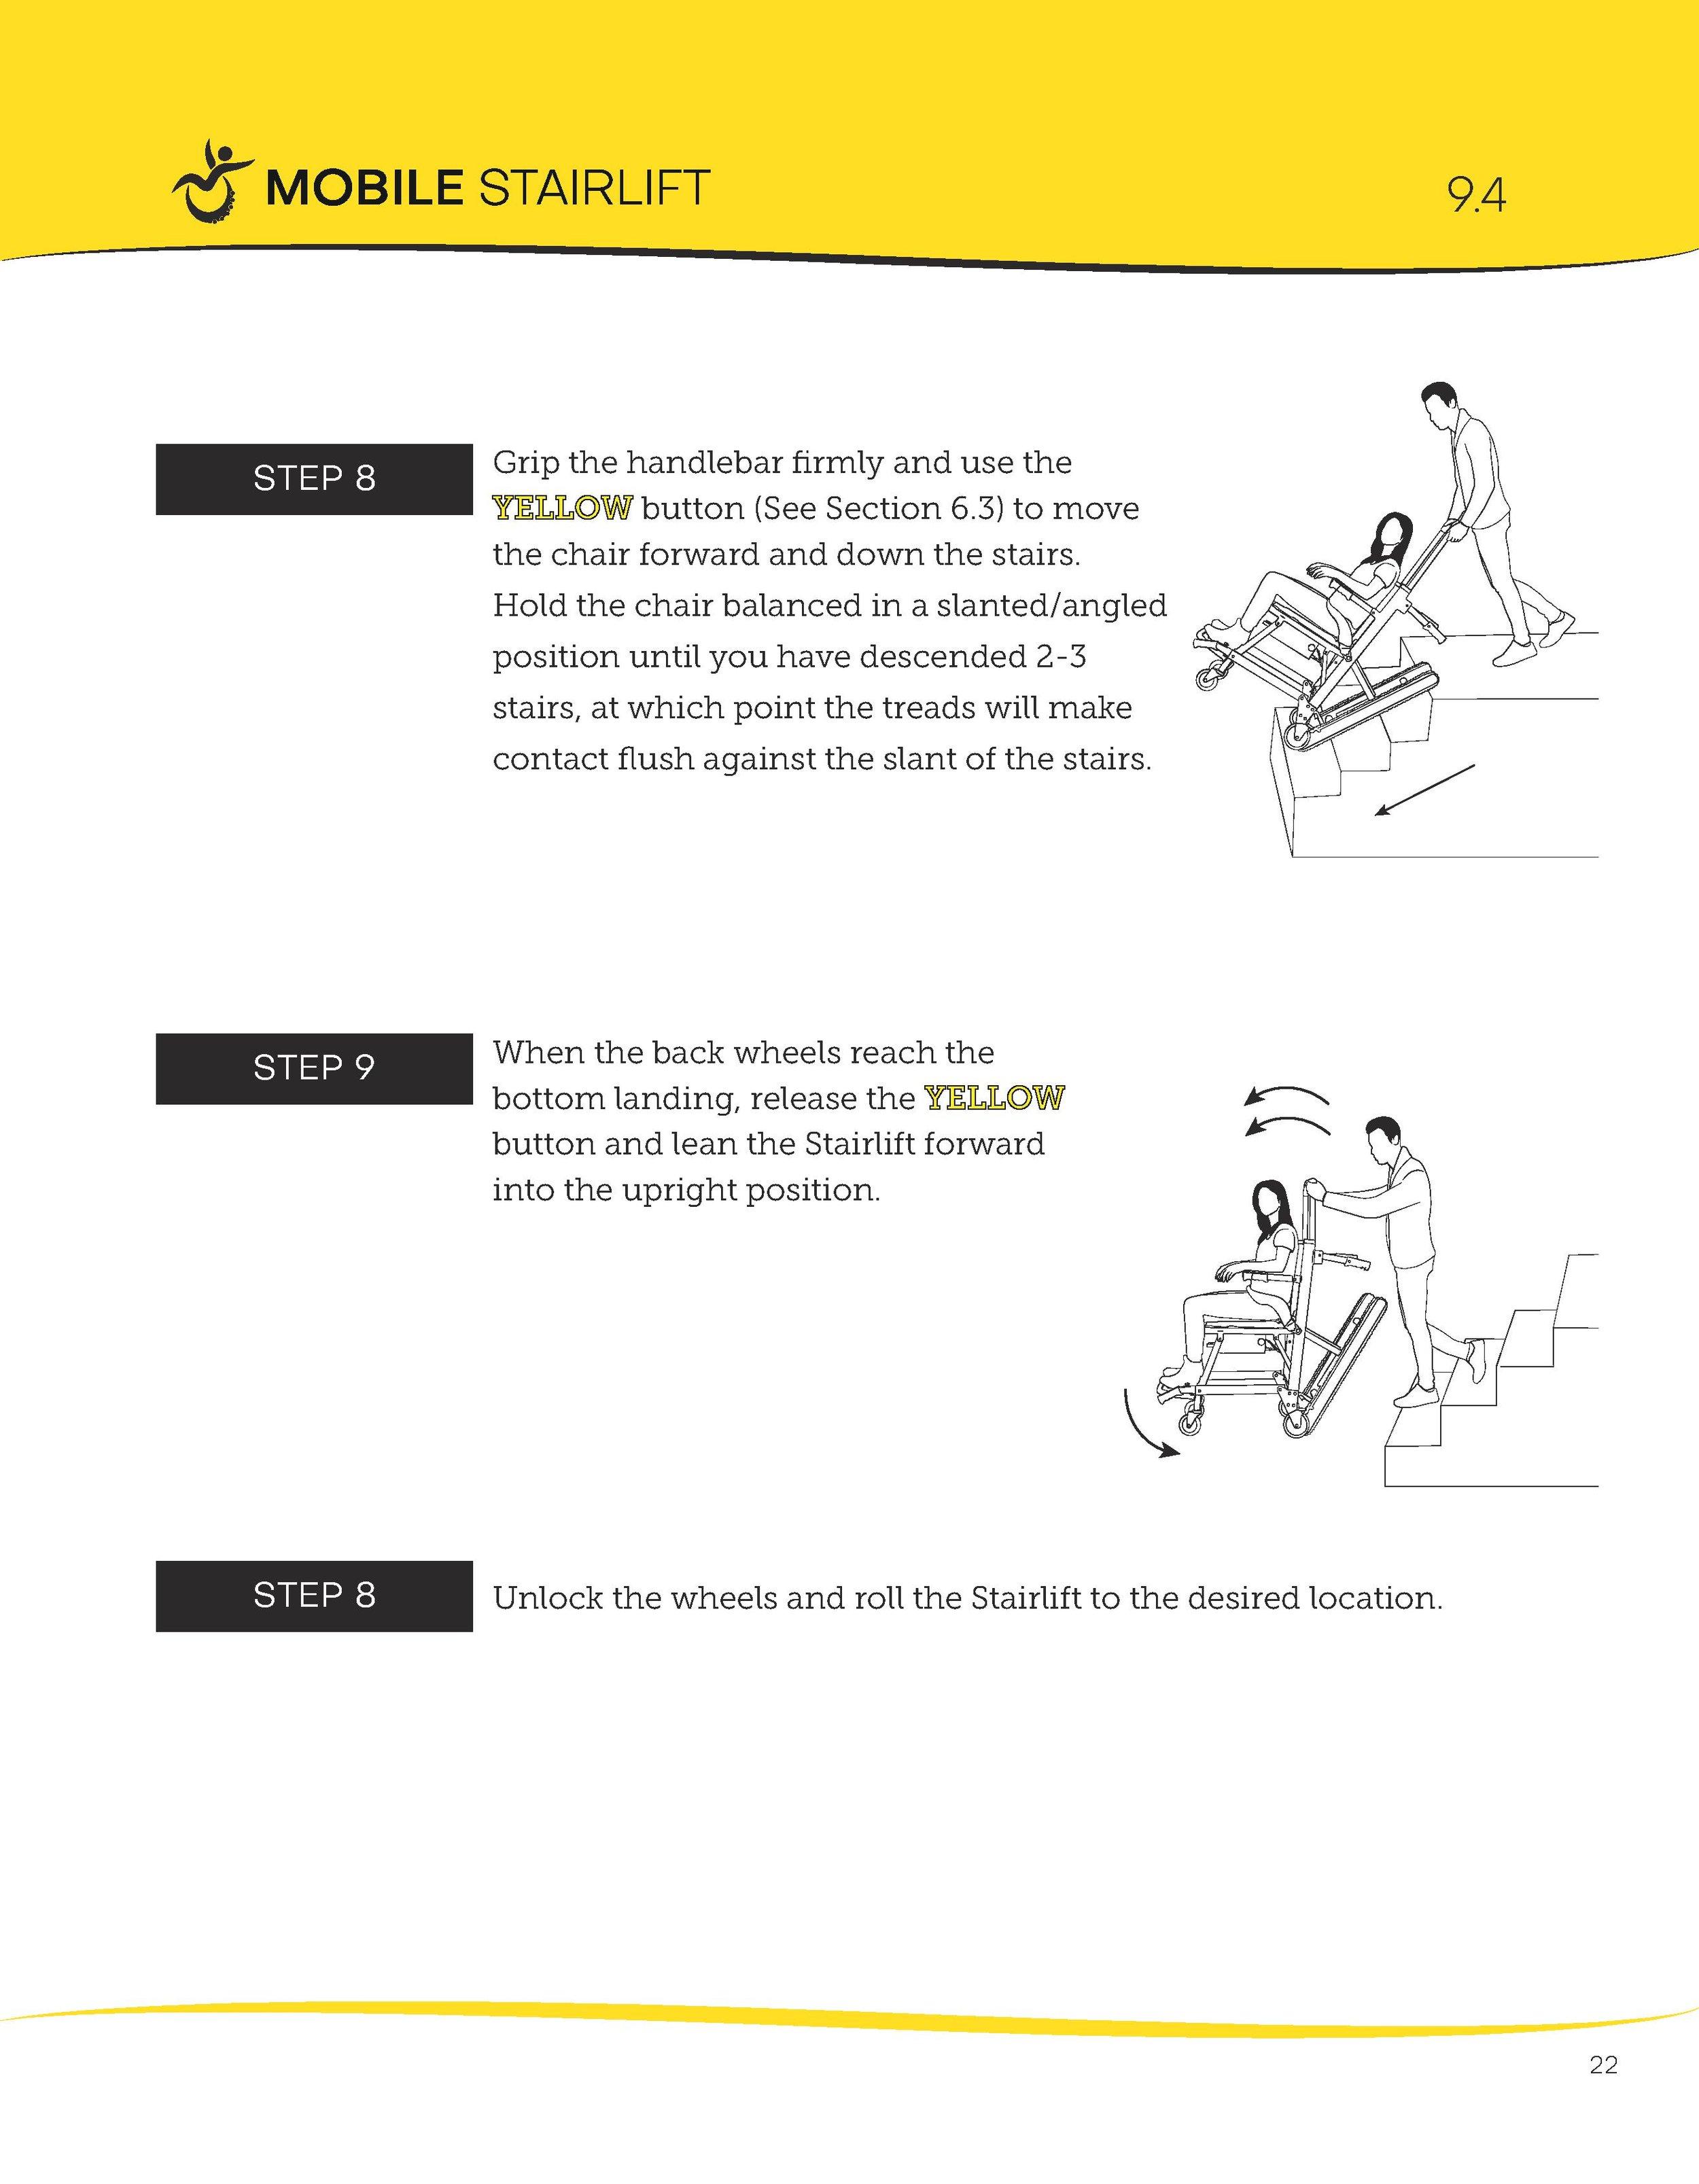 Mobile Stairlift Instruction Manual-23.jpg